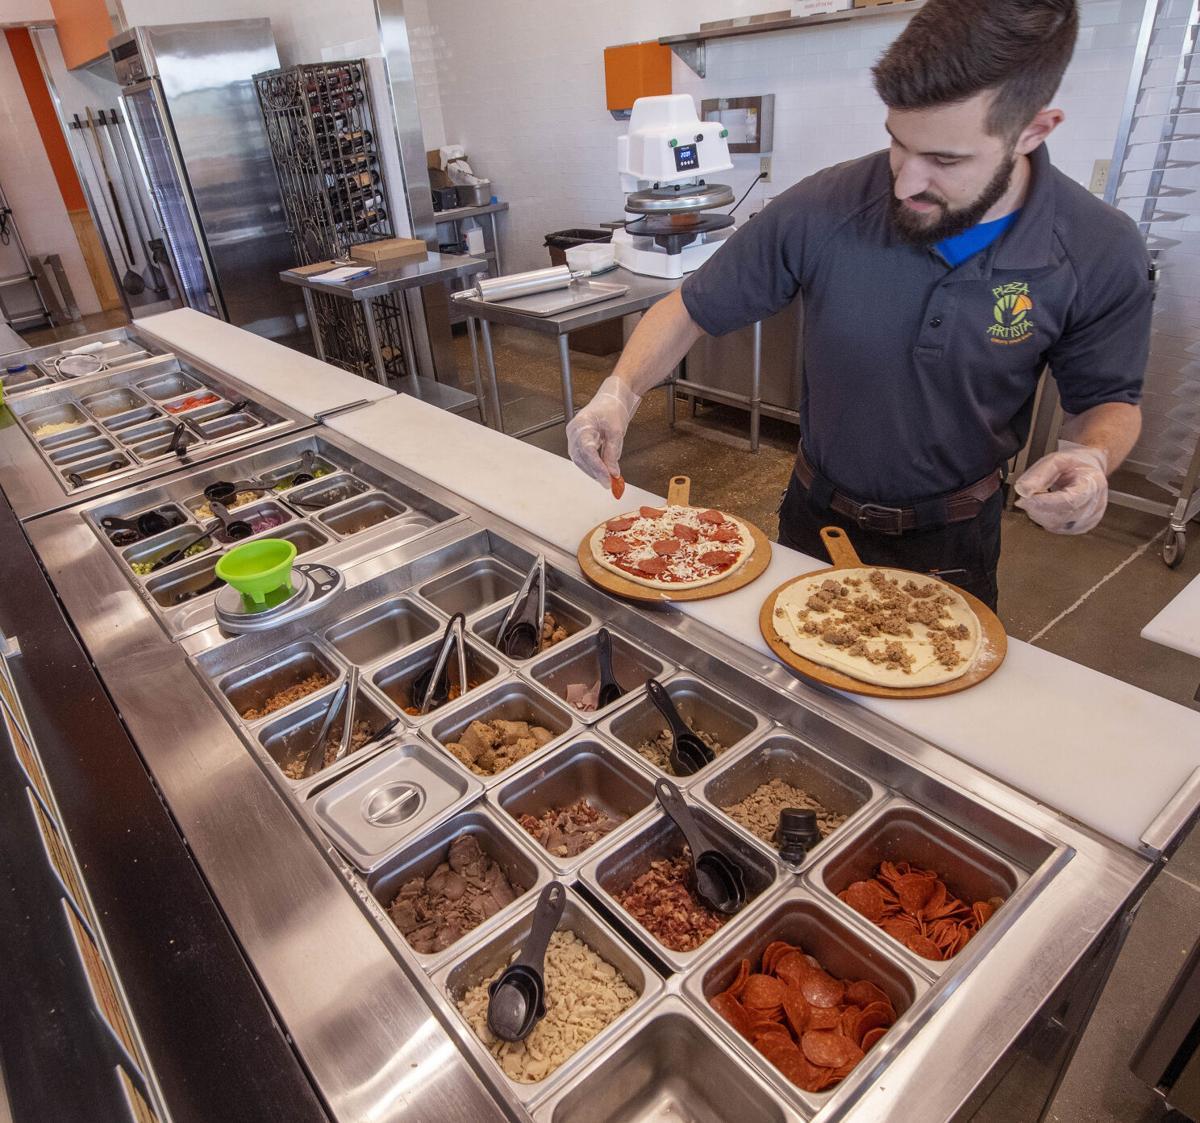 BR.pizzaartistaliv.091521 0083 bf.jpg